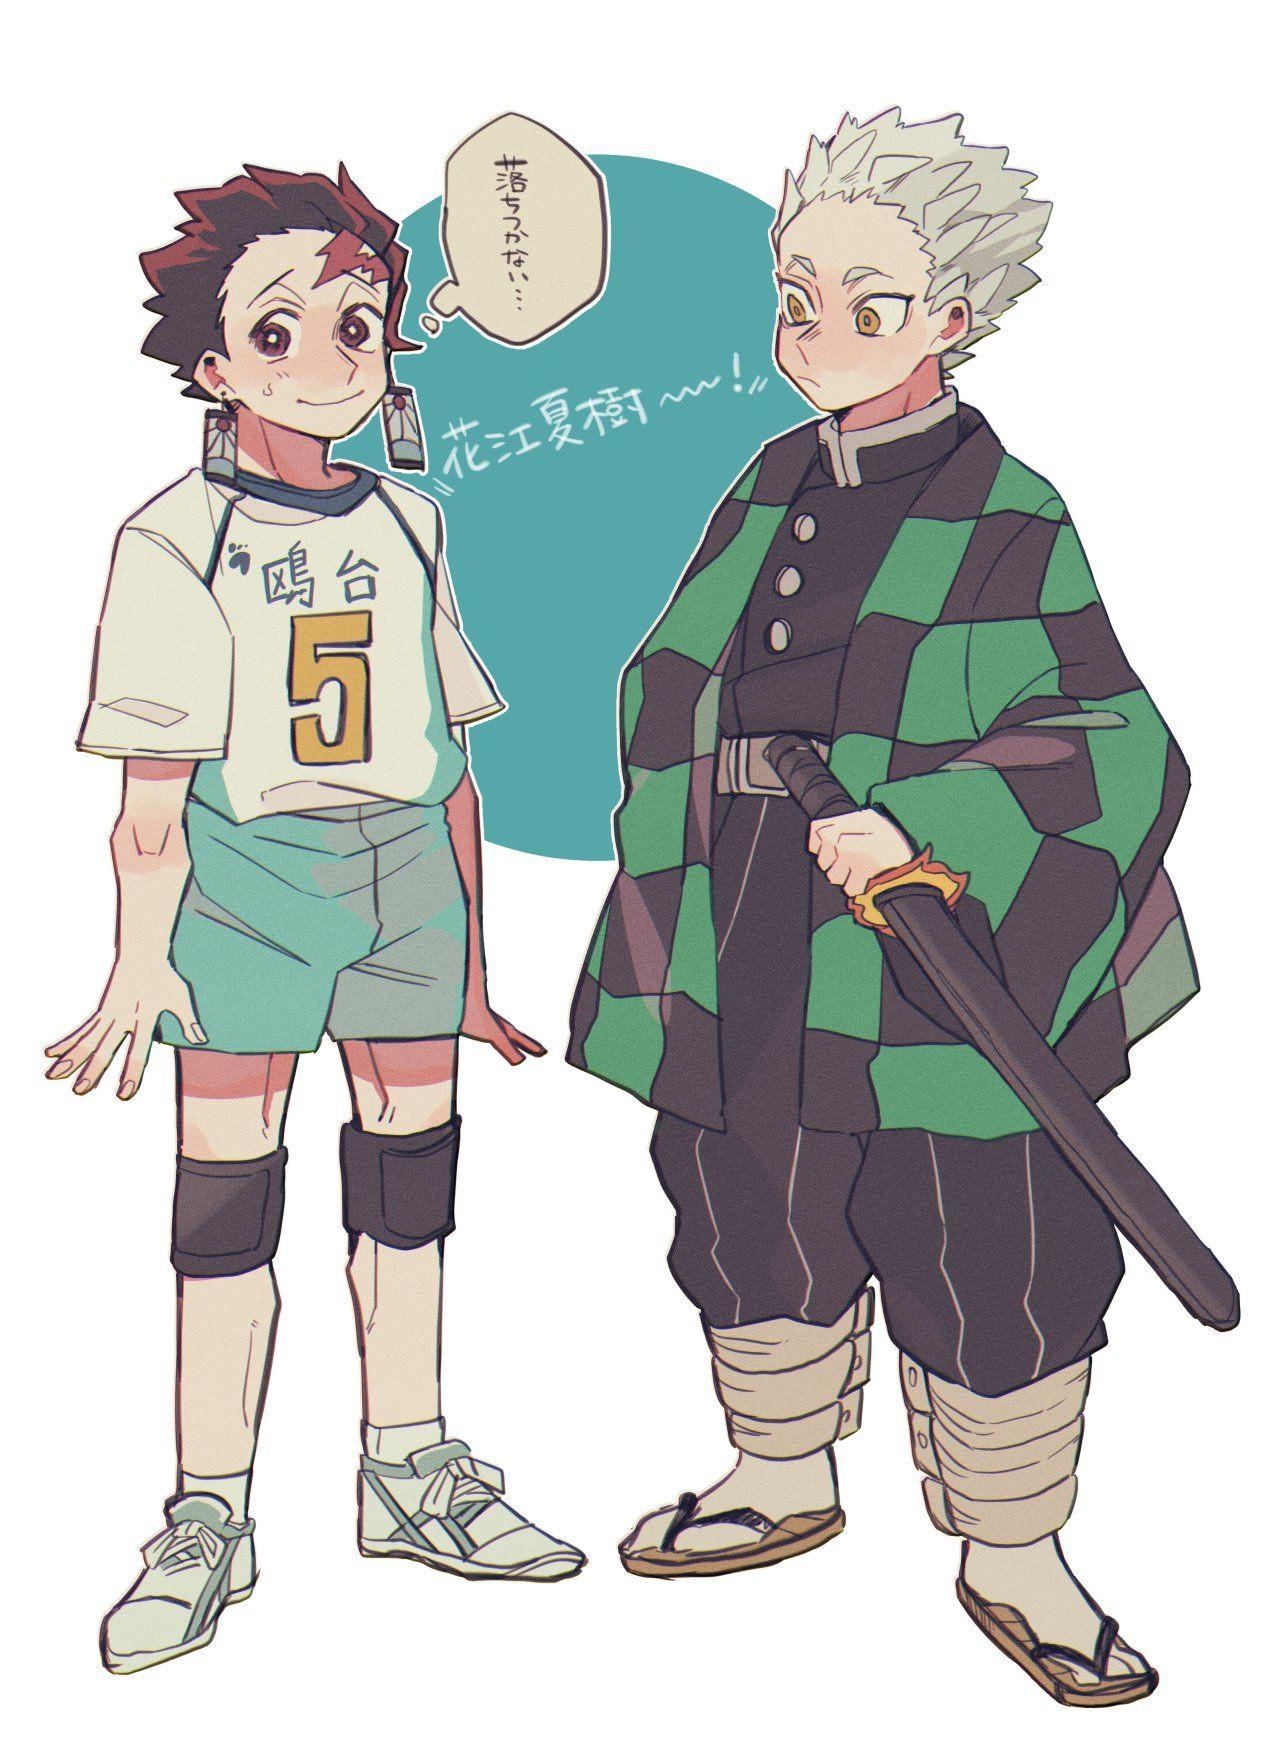 うぃむ on in 2020 Haikyuu anime, Anime crossover, Anime